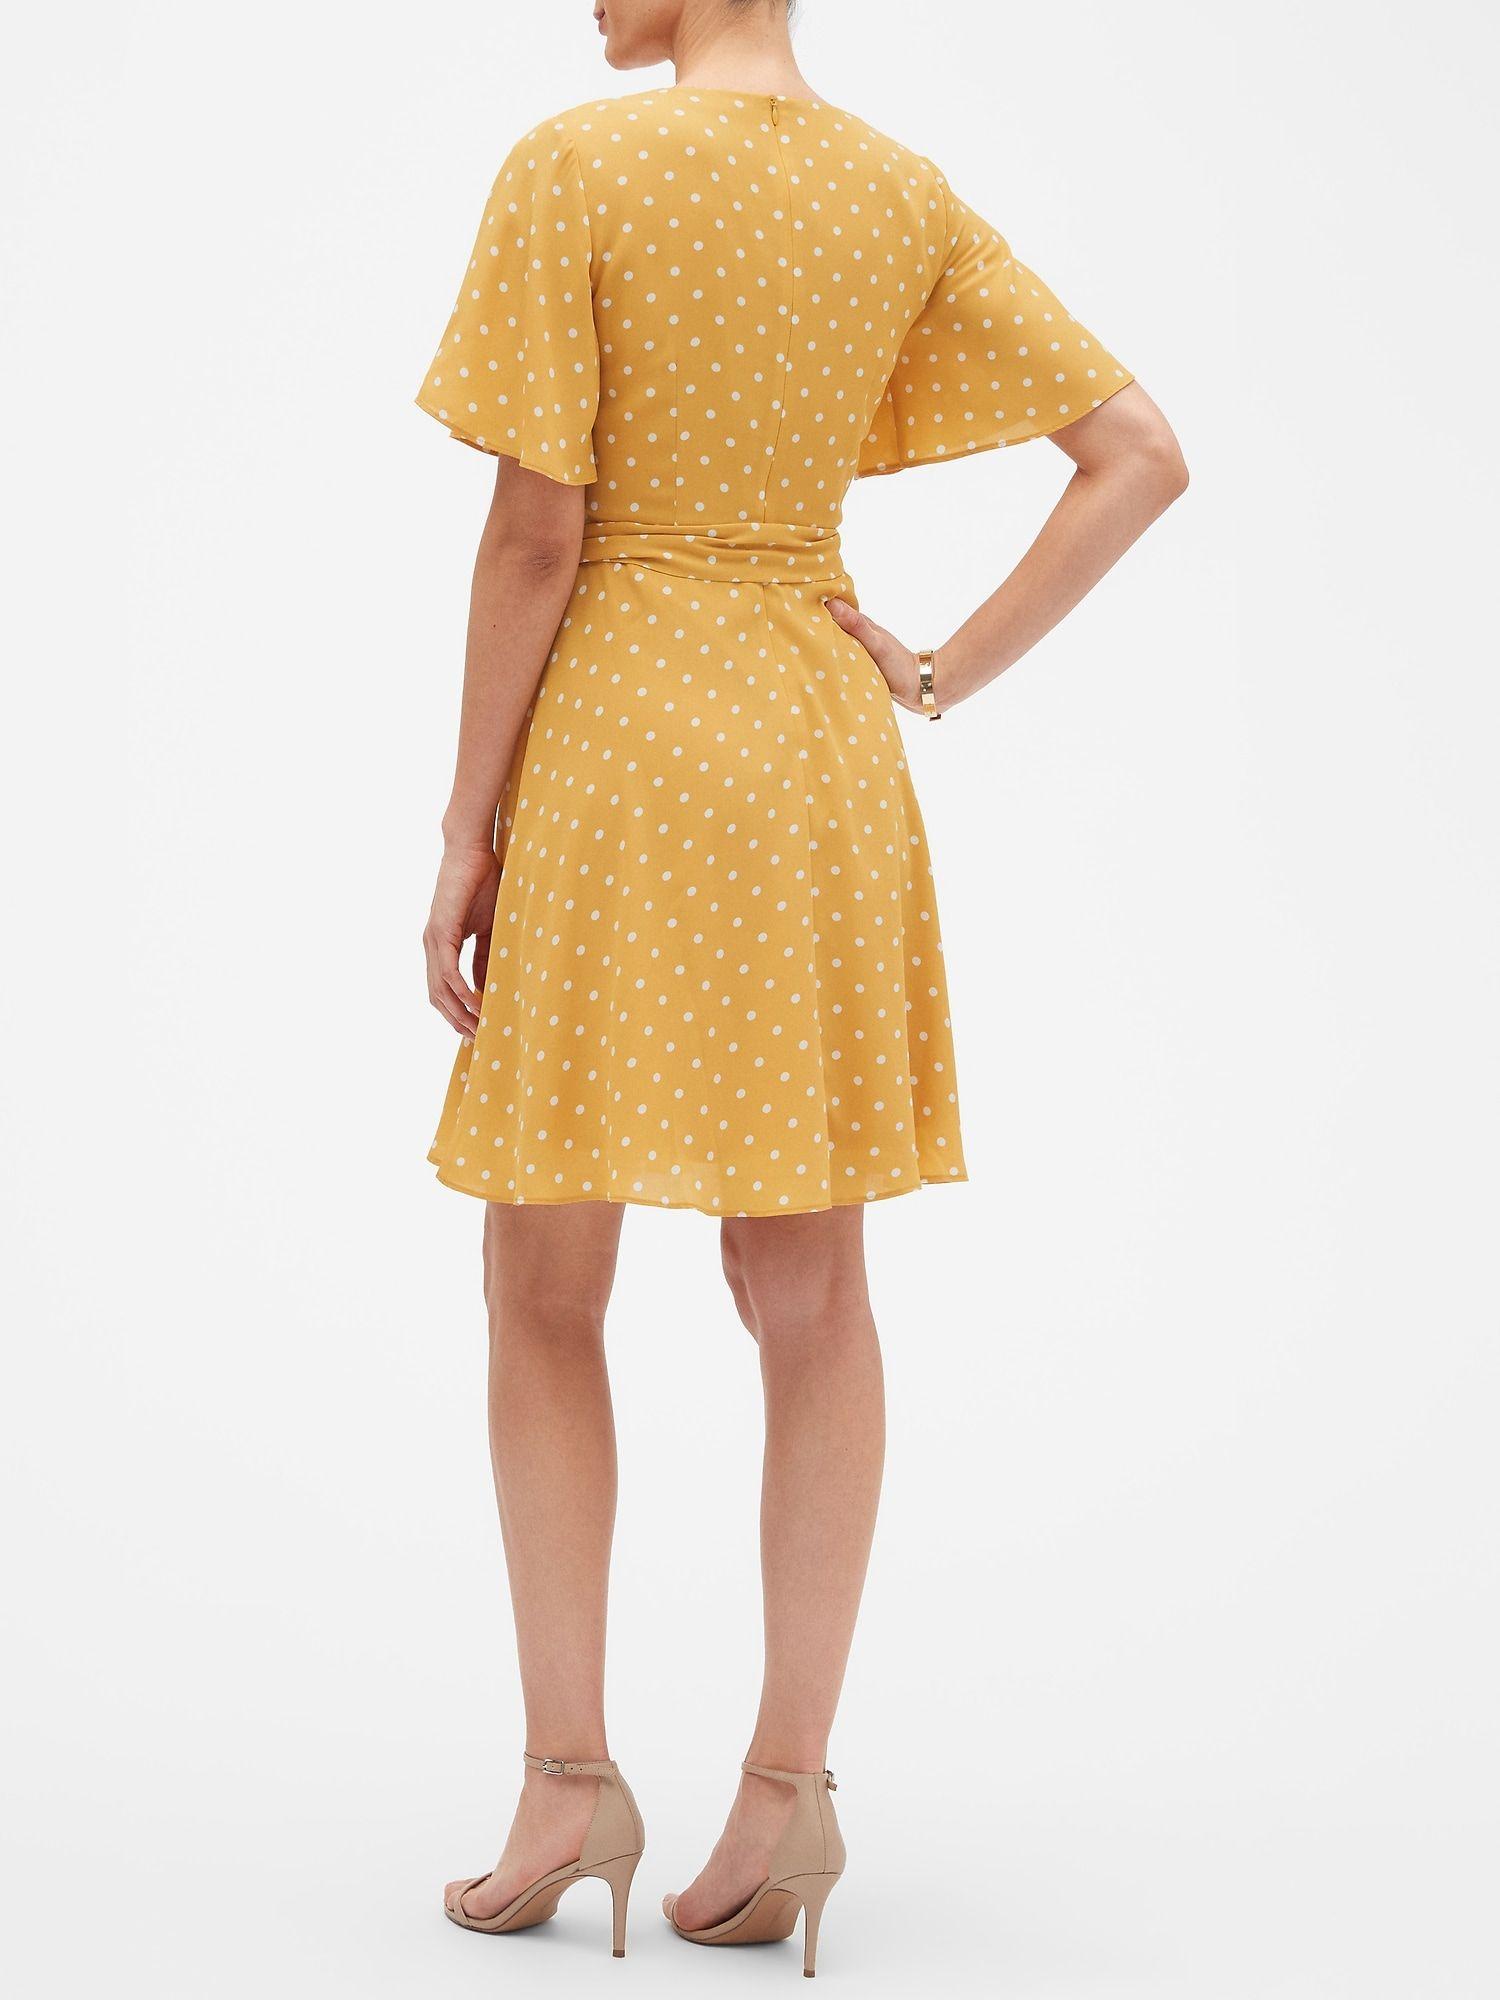 af130e4c5c Or gold polka dot 💛 Print Flutter Sleeve Belted Fit and Flare Dress ...